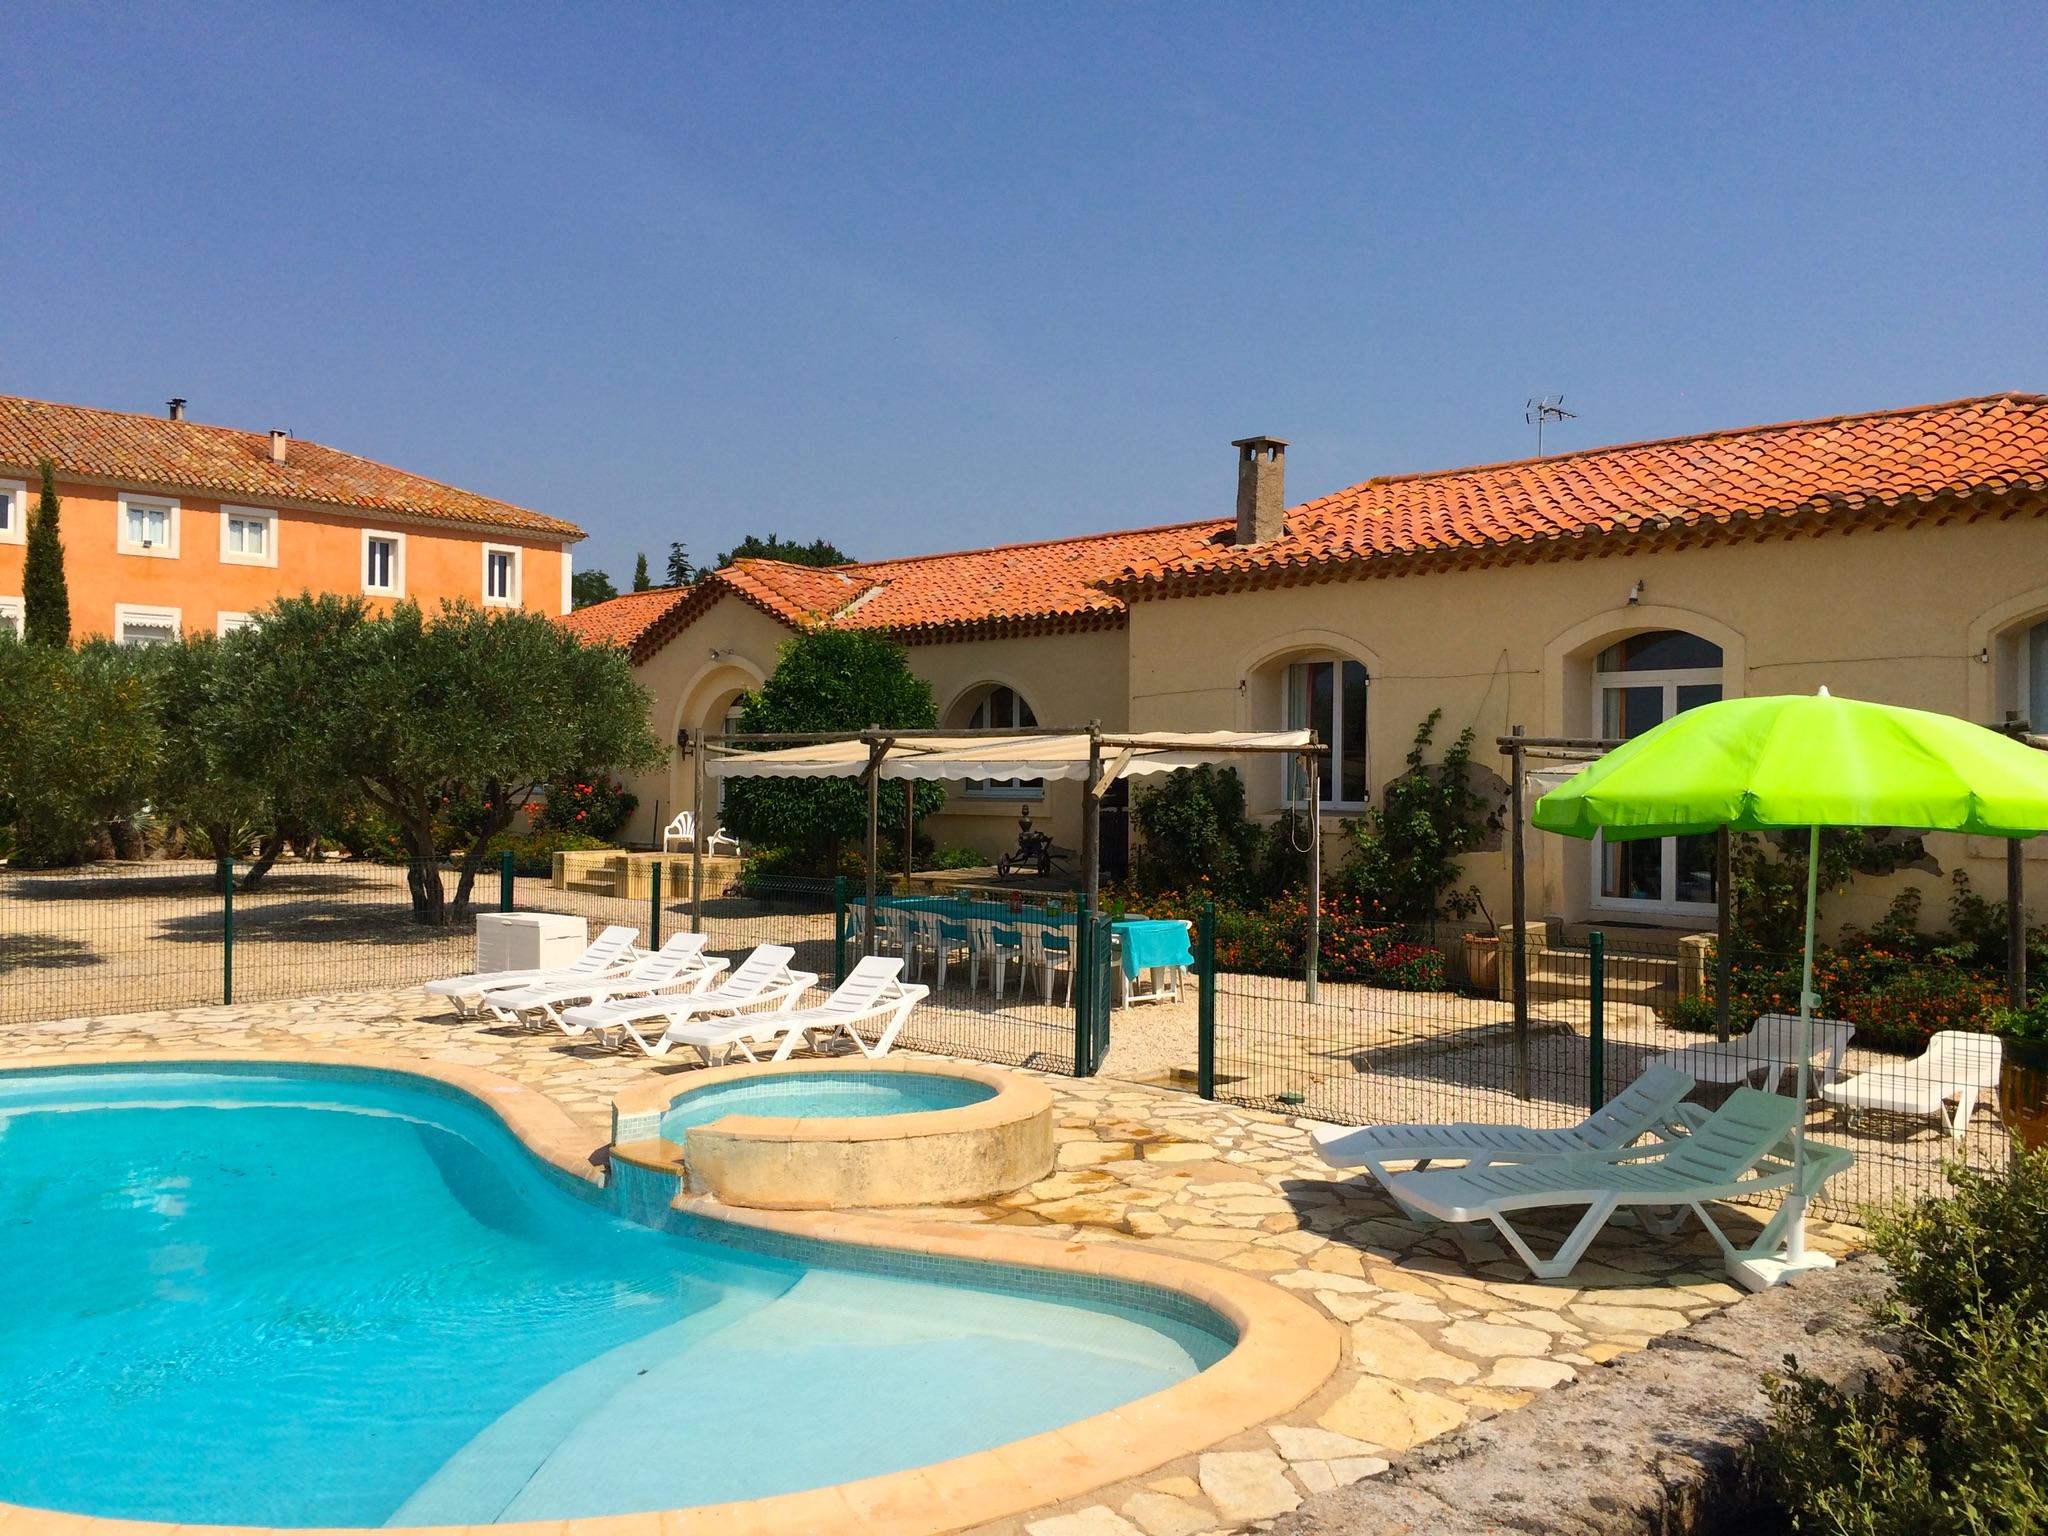 Ferienhaus Charaktervolles Haus in Hérault mit Pool und Garten (2201003), Portiragnes, Mittelmeerküste Hérault, Languedoc-Roussillon, Frankreich, Bild 28